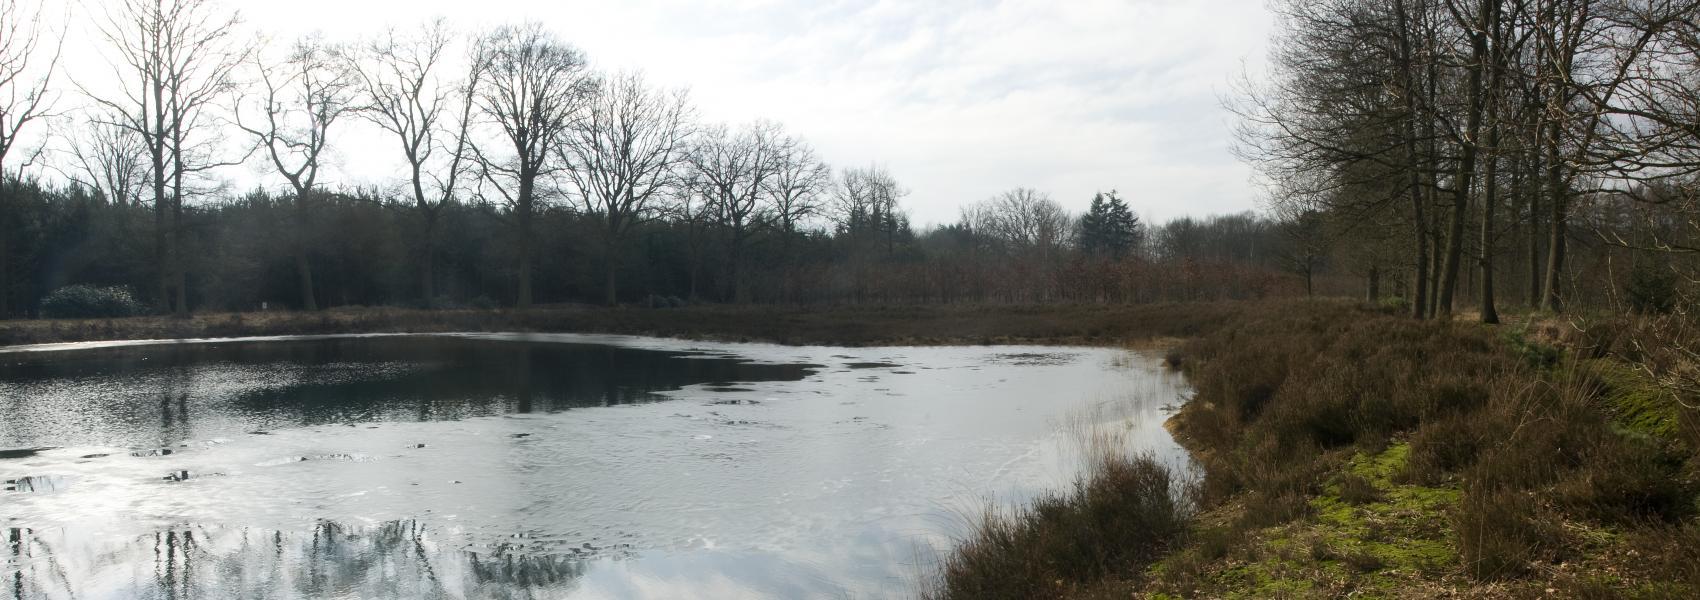 zicht over het water